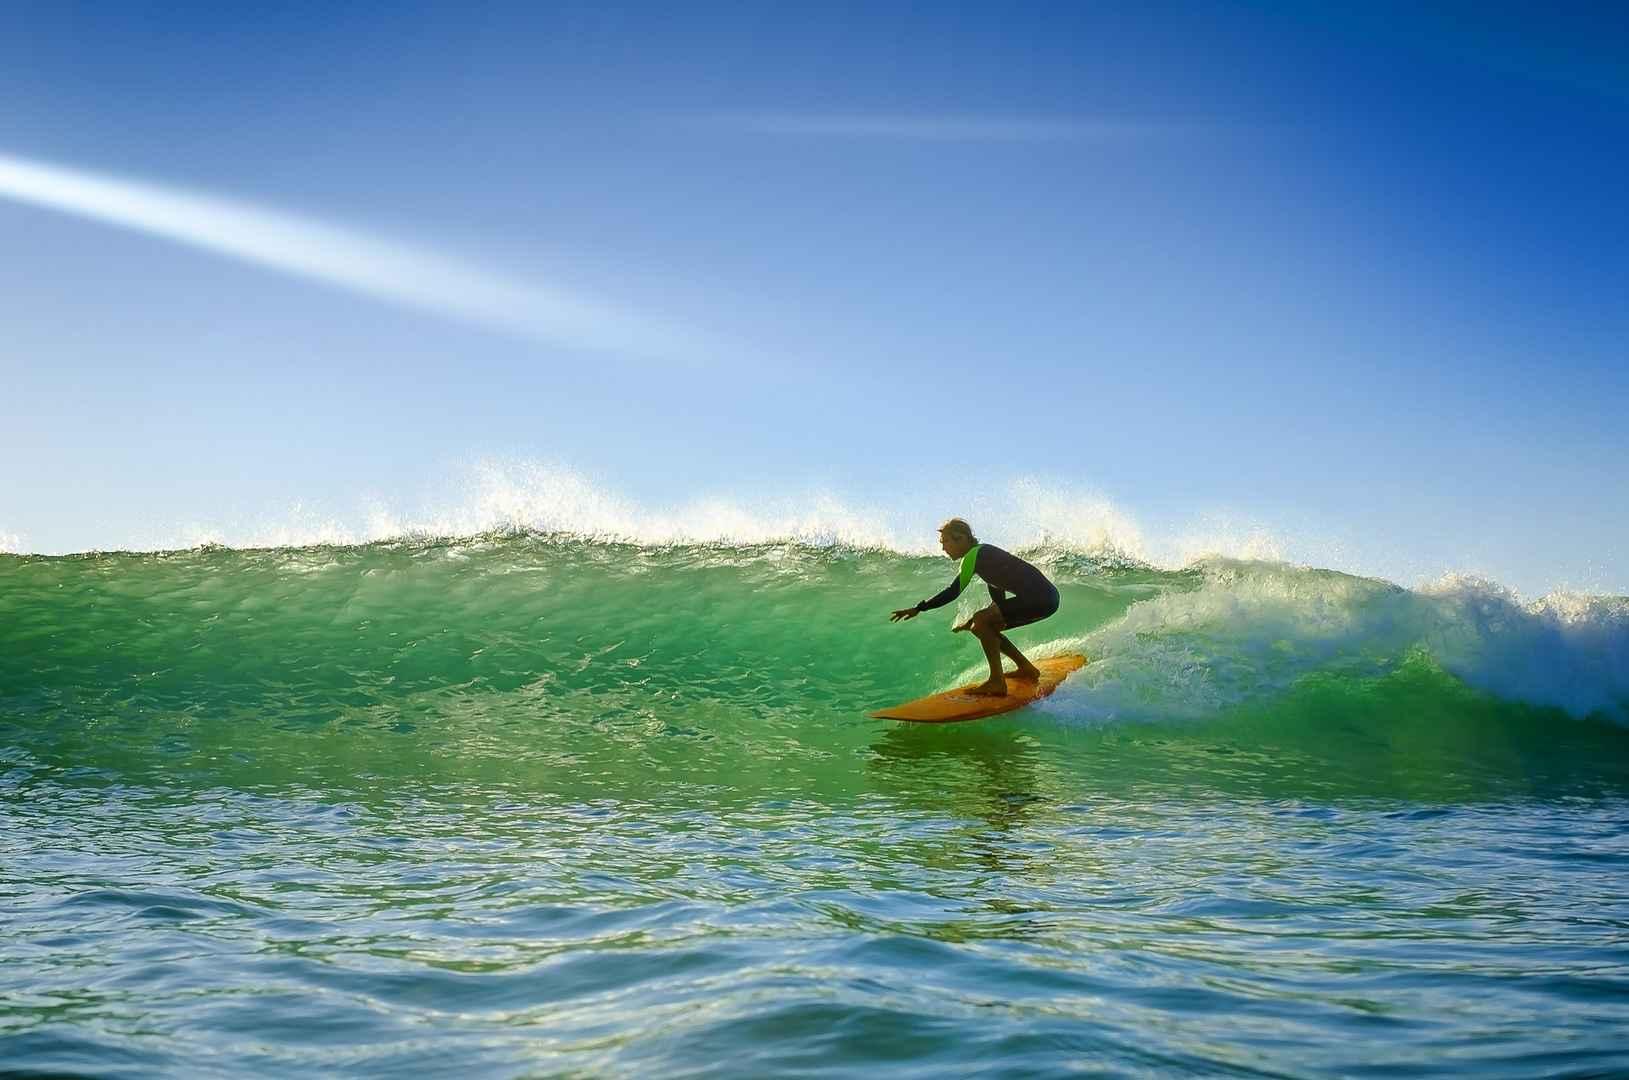 Cours de surf en live sur la plage de biscarrosse office de tourisme des grands lacs - Office du tourisme biscarrosse plage ...